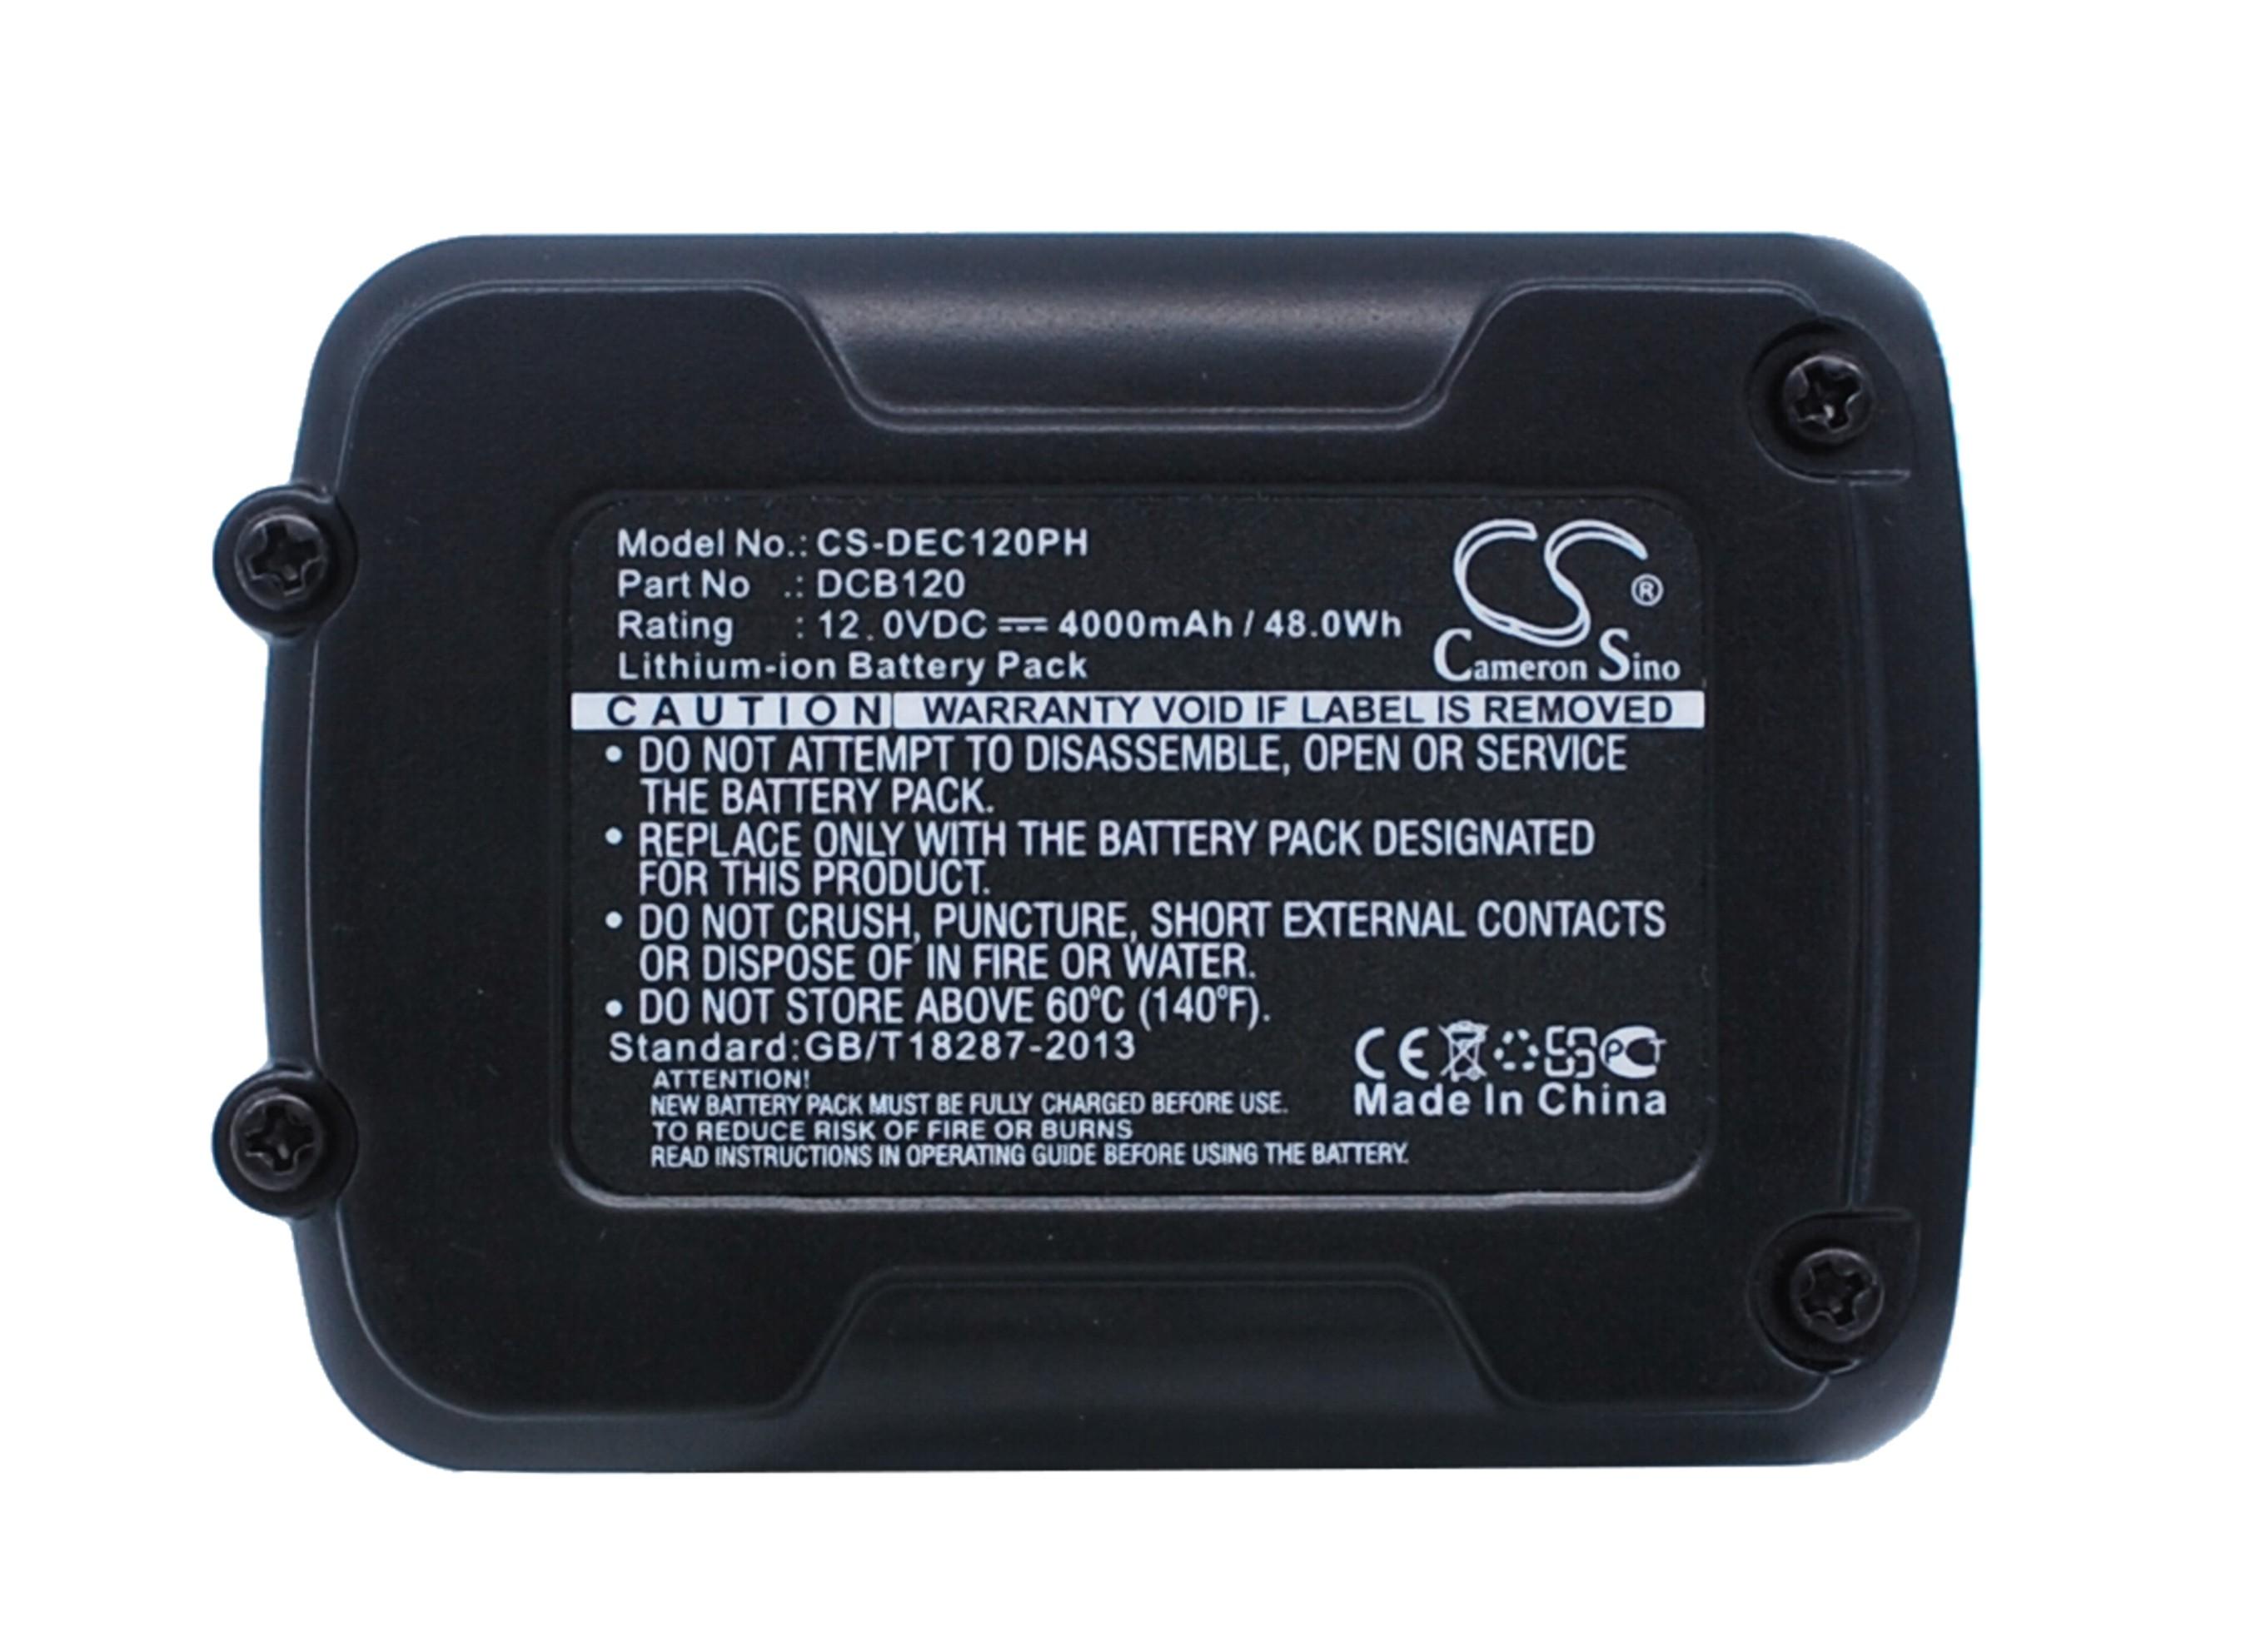 Cameron Sino baterie do nářadí pro DEWALT DCD710S2 12V Li-ion 4000mAh černá žlutá - neoriginální